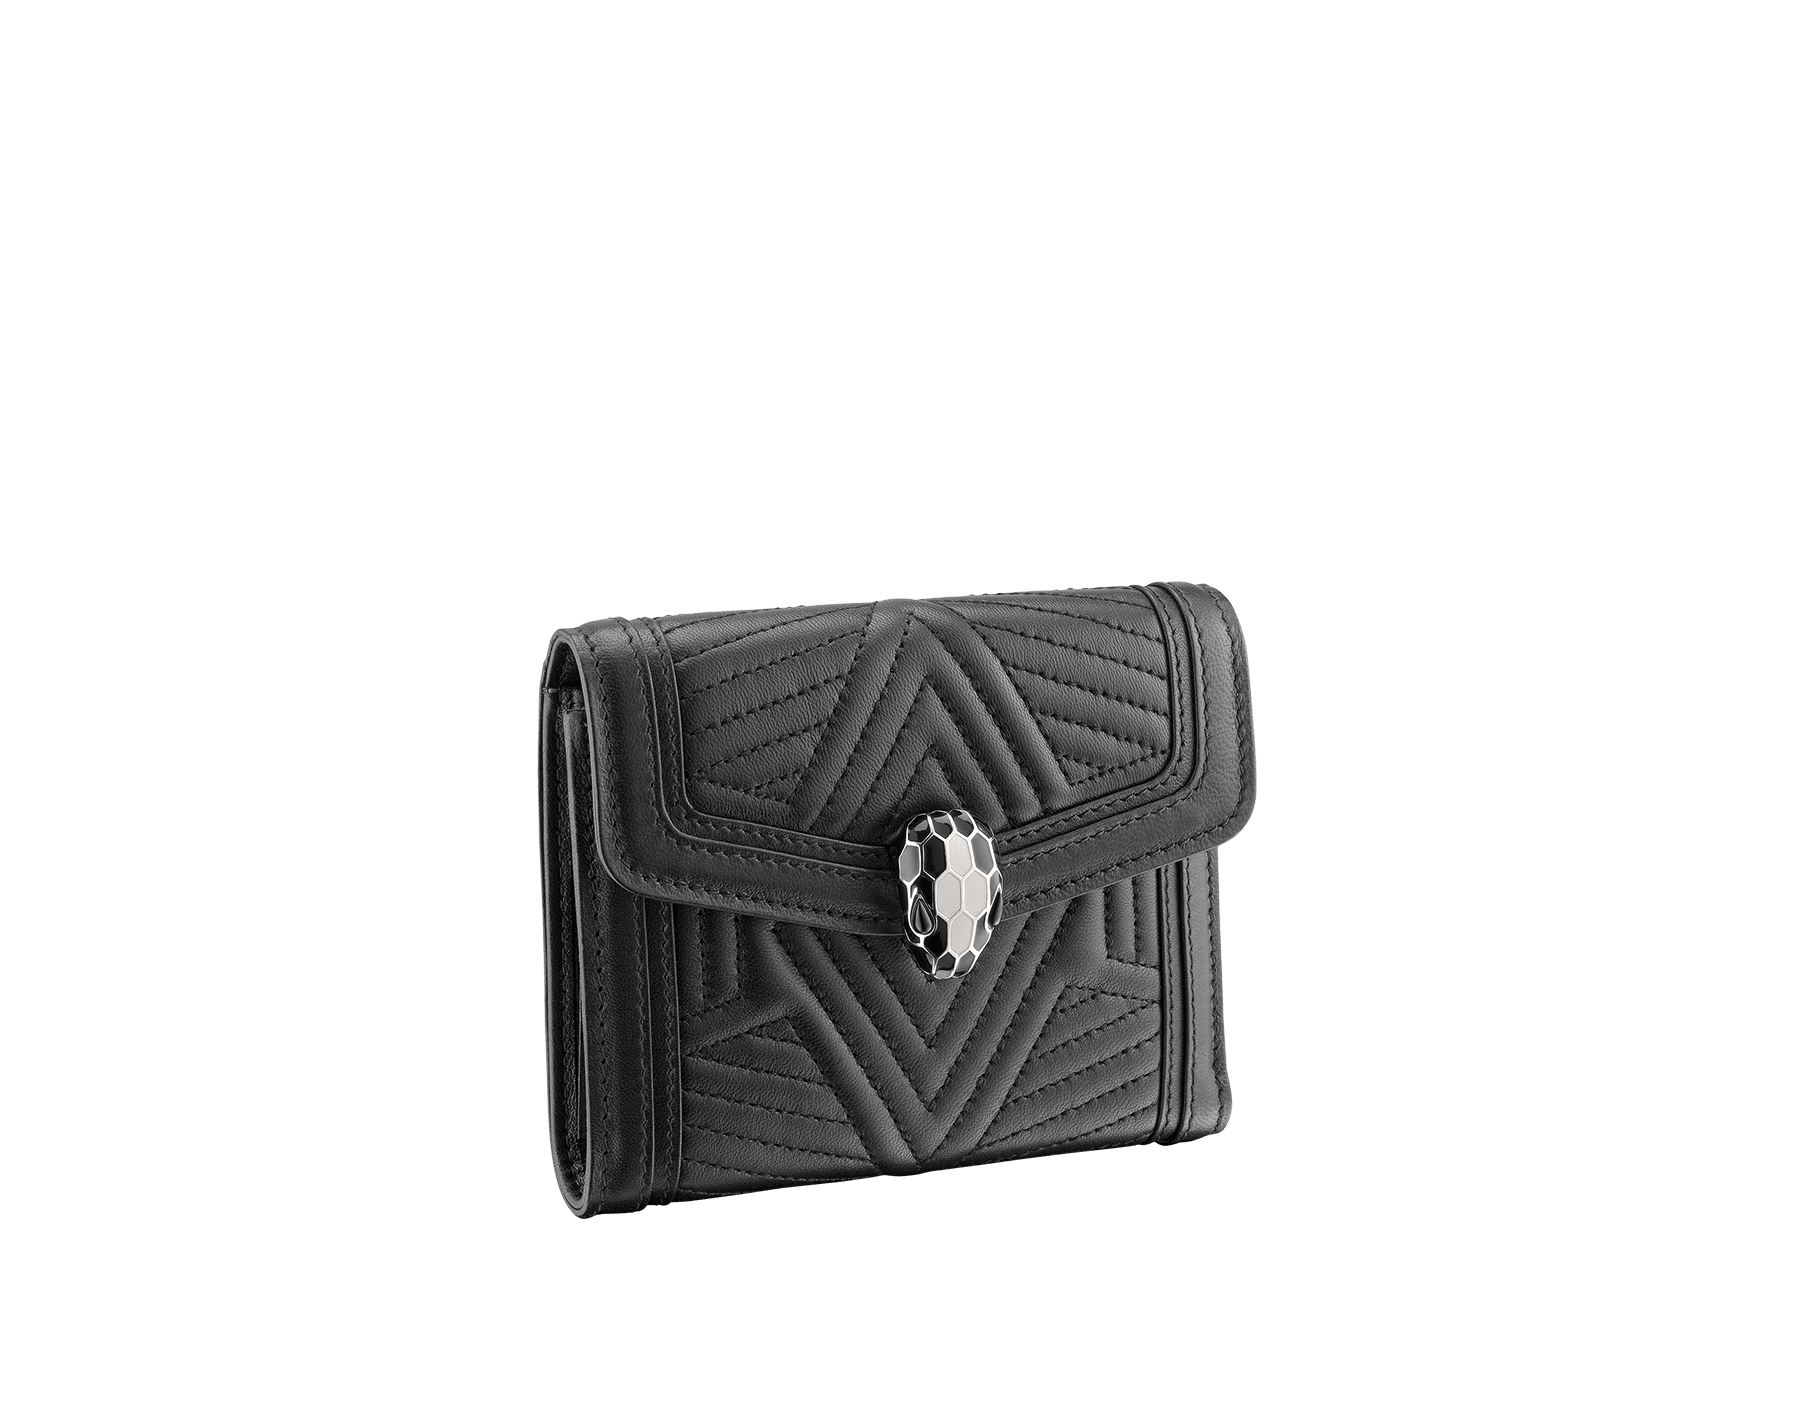 Portefeuille compact Serpenti Diamond Blast en cuir nappa matelassé noir. Fermoir pression emblématique Serpenti en émail noir et blanc avec yeux en onyx. 287596 image 1